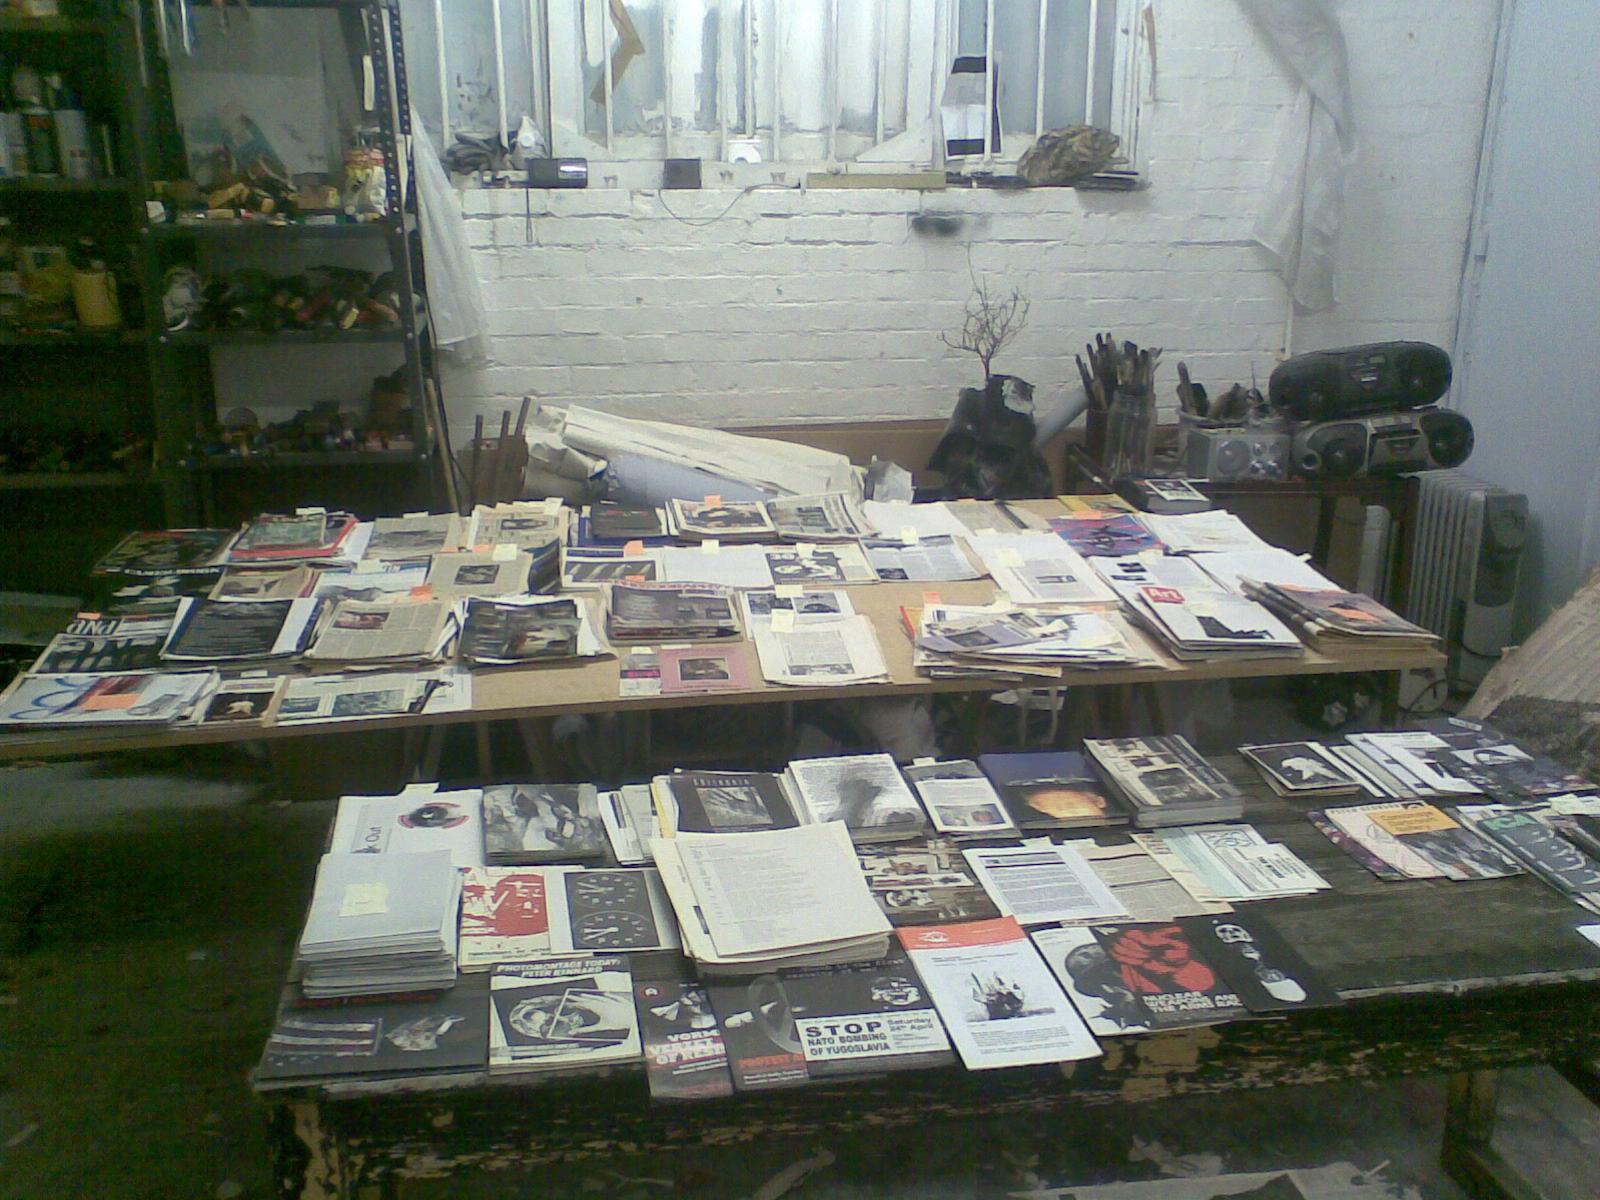 Studio 2, Hackney